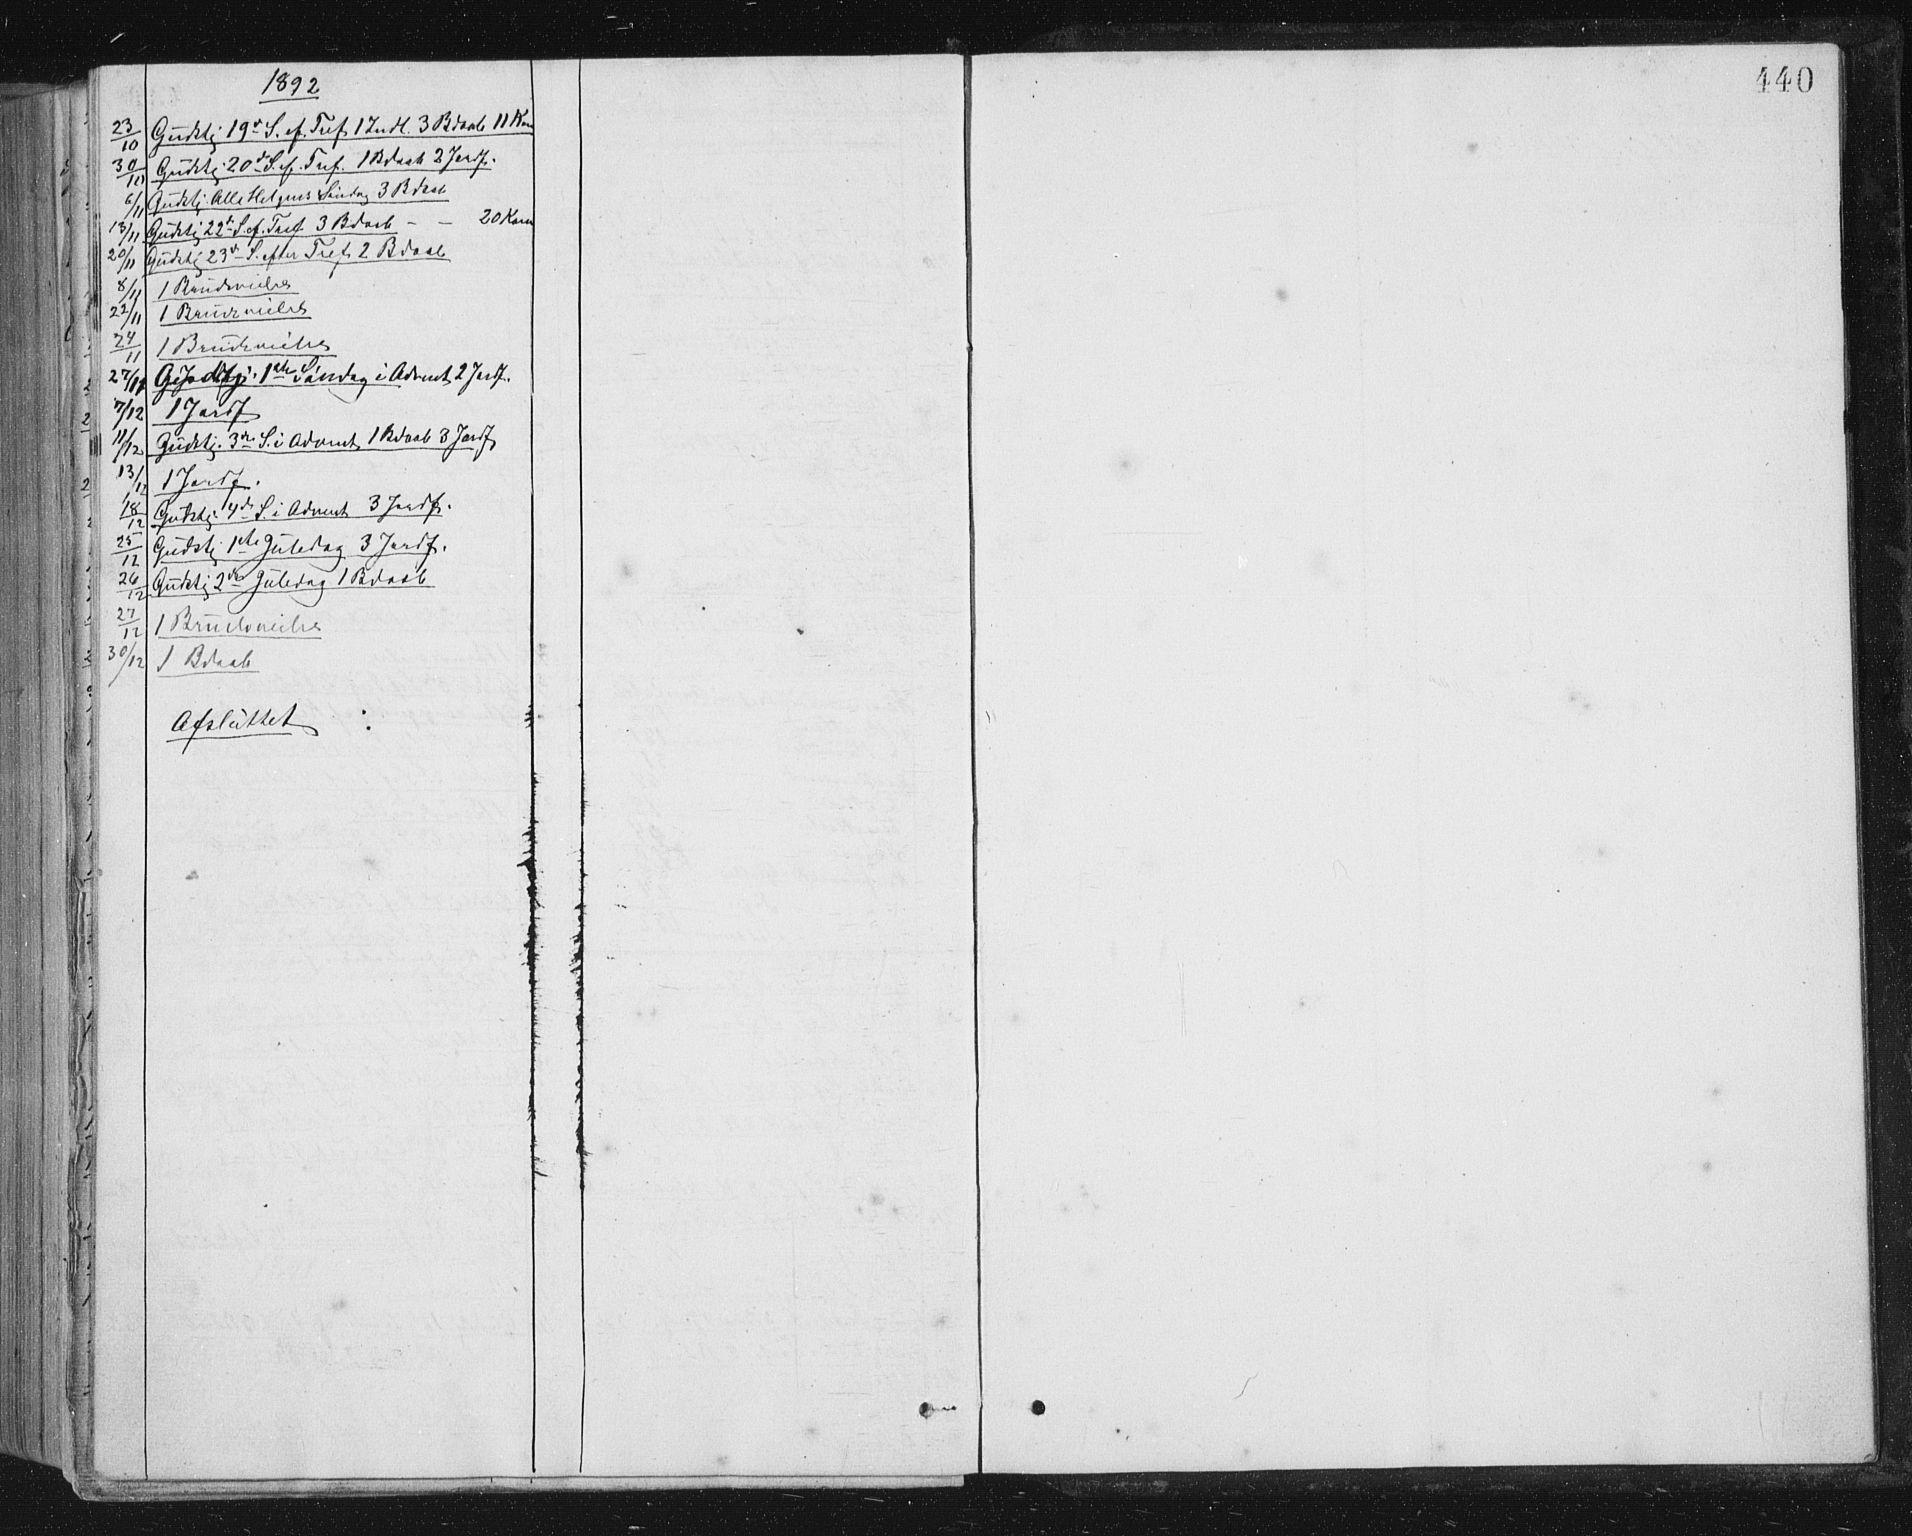 SAT, Ministerialprotokoller, klokkerbøker og fødselsregistre - Sør-Trøndelag, 659/L0745: Klokkerbok nr. 659C02, 1869-1892, s. 440